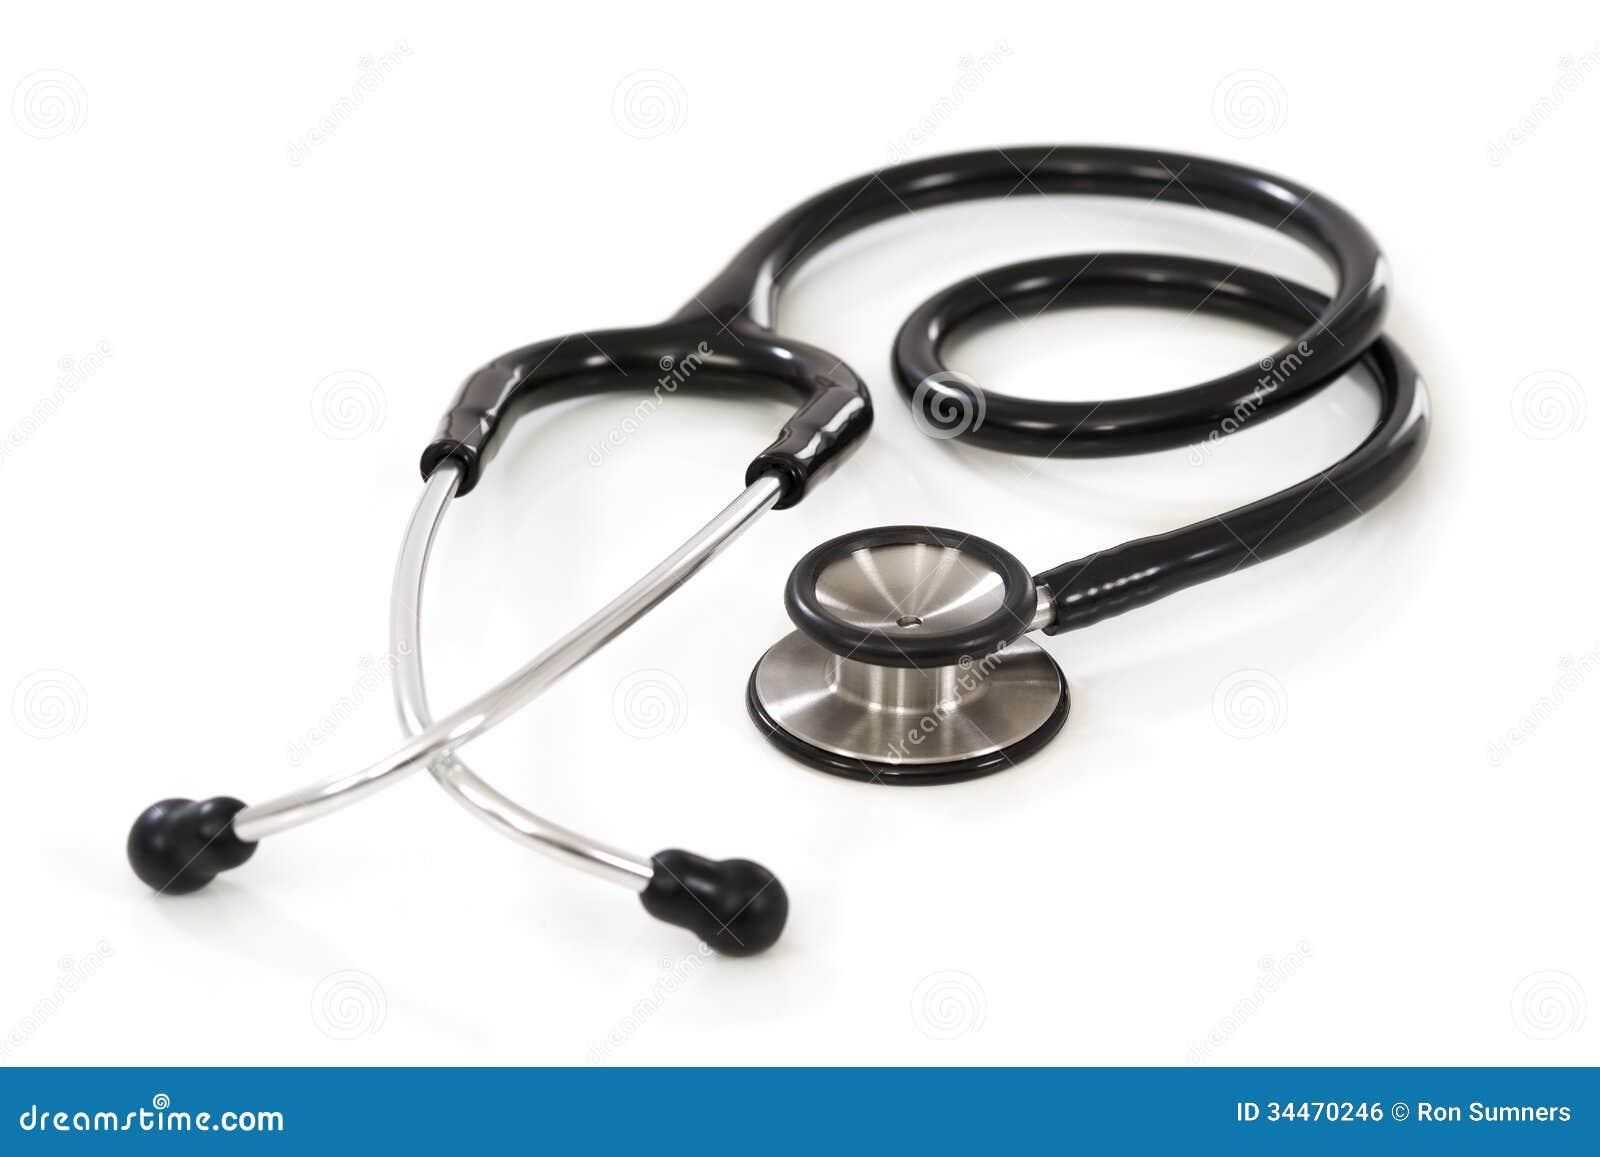 Stethoscope On White Background Royalty Free Stock Image